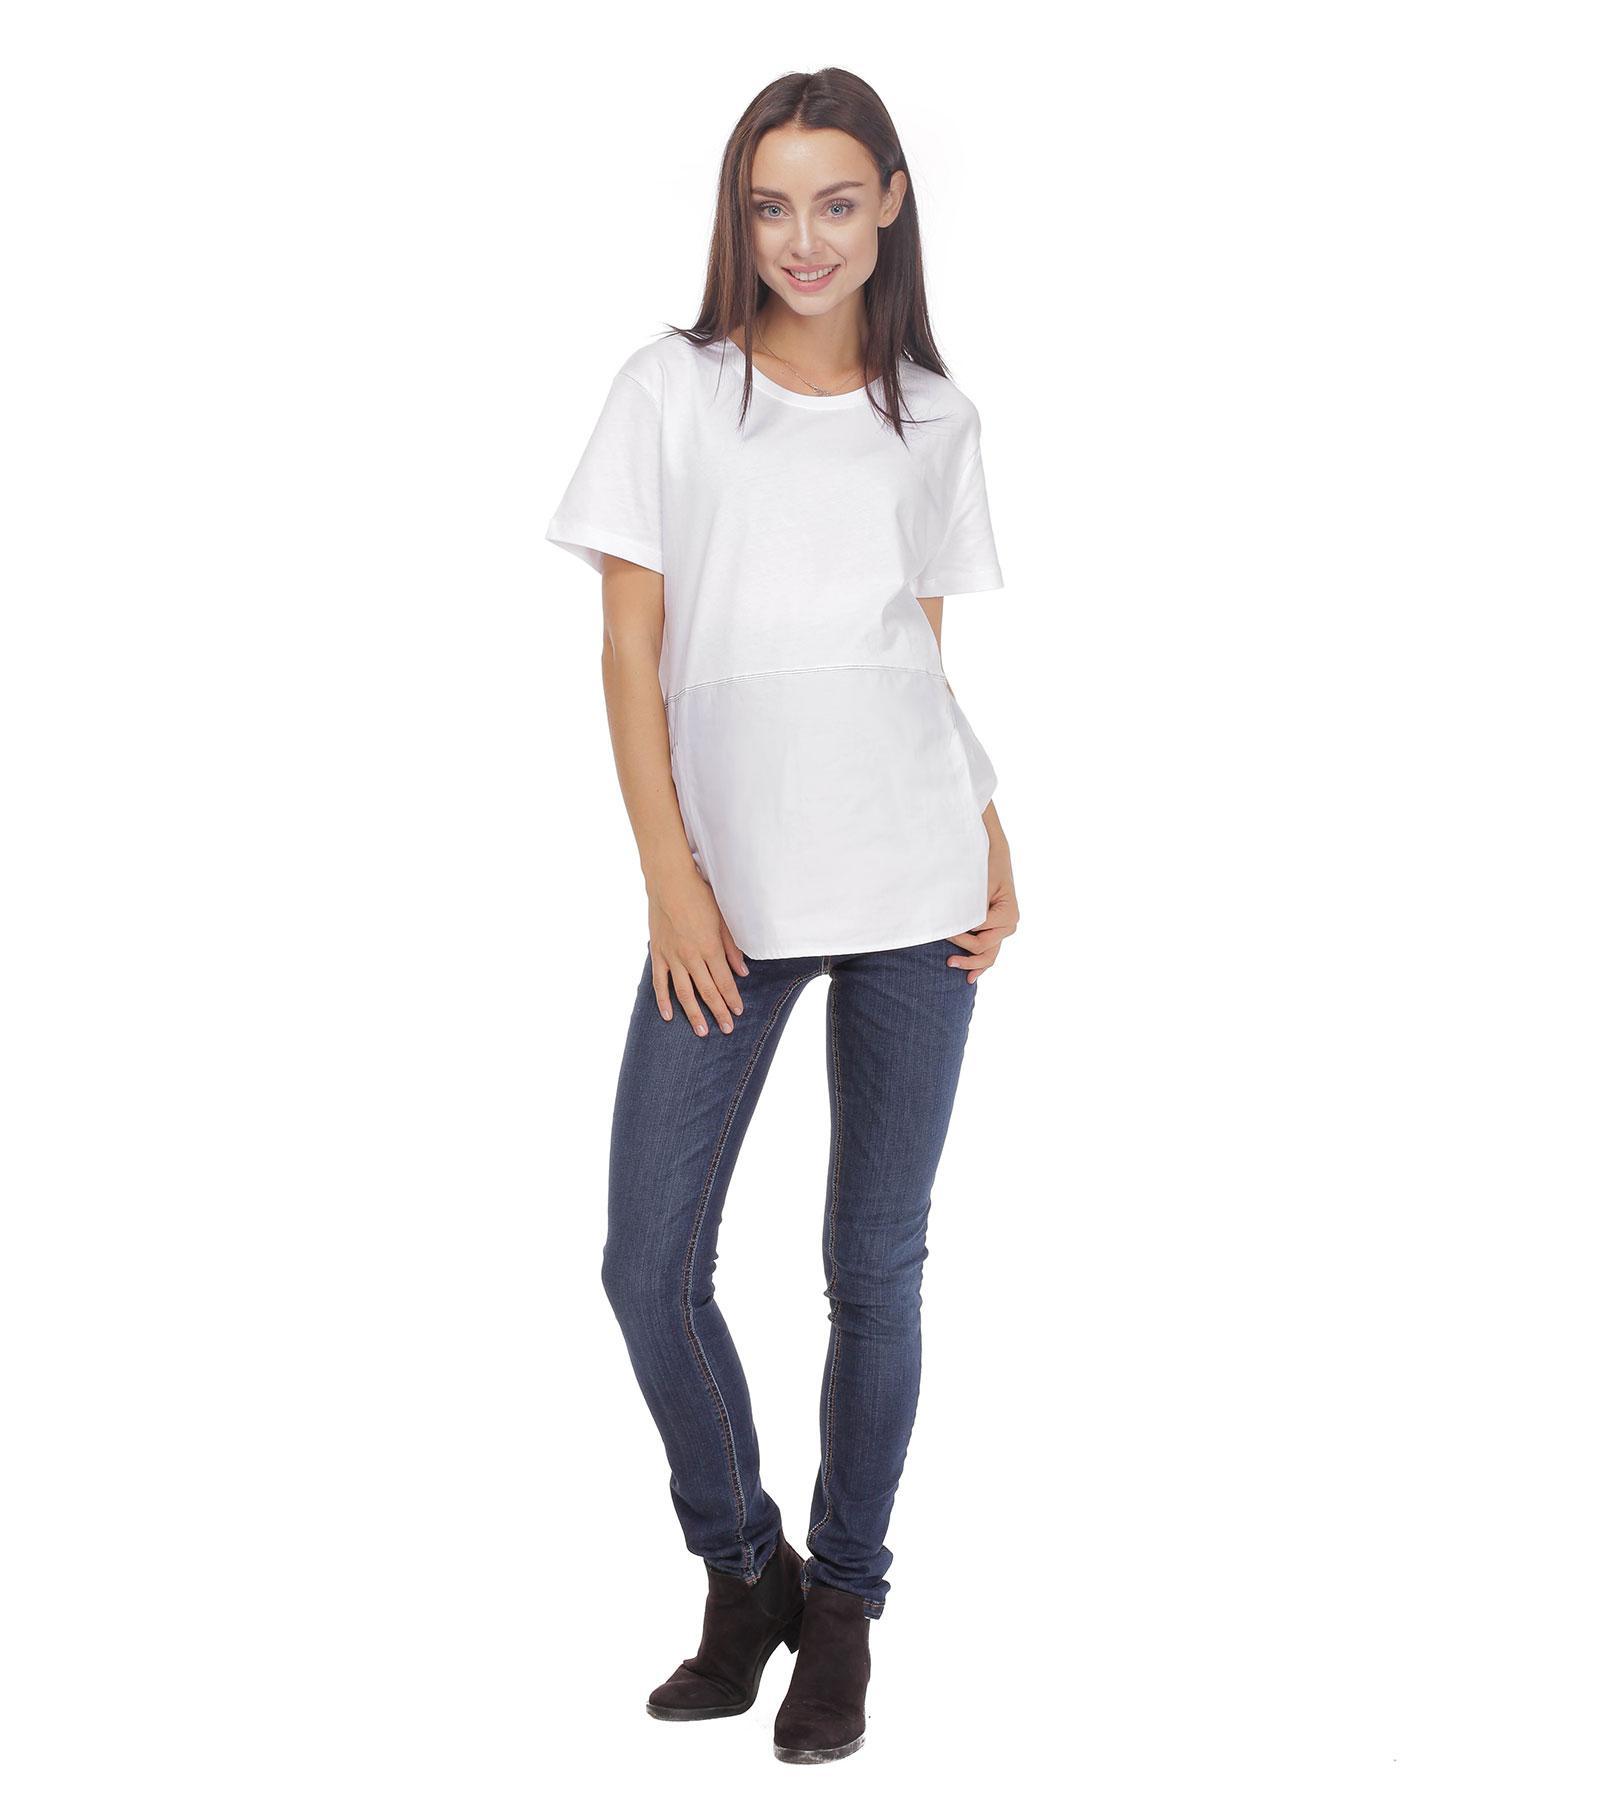 Spodnie jeansowe Susan dla kobiety w ciąży Bensini®